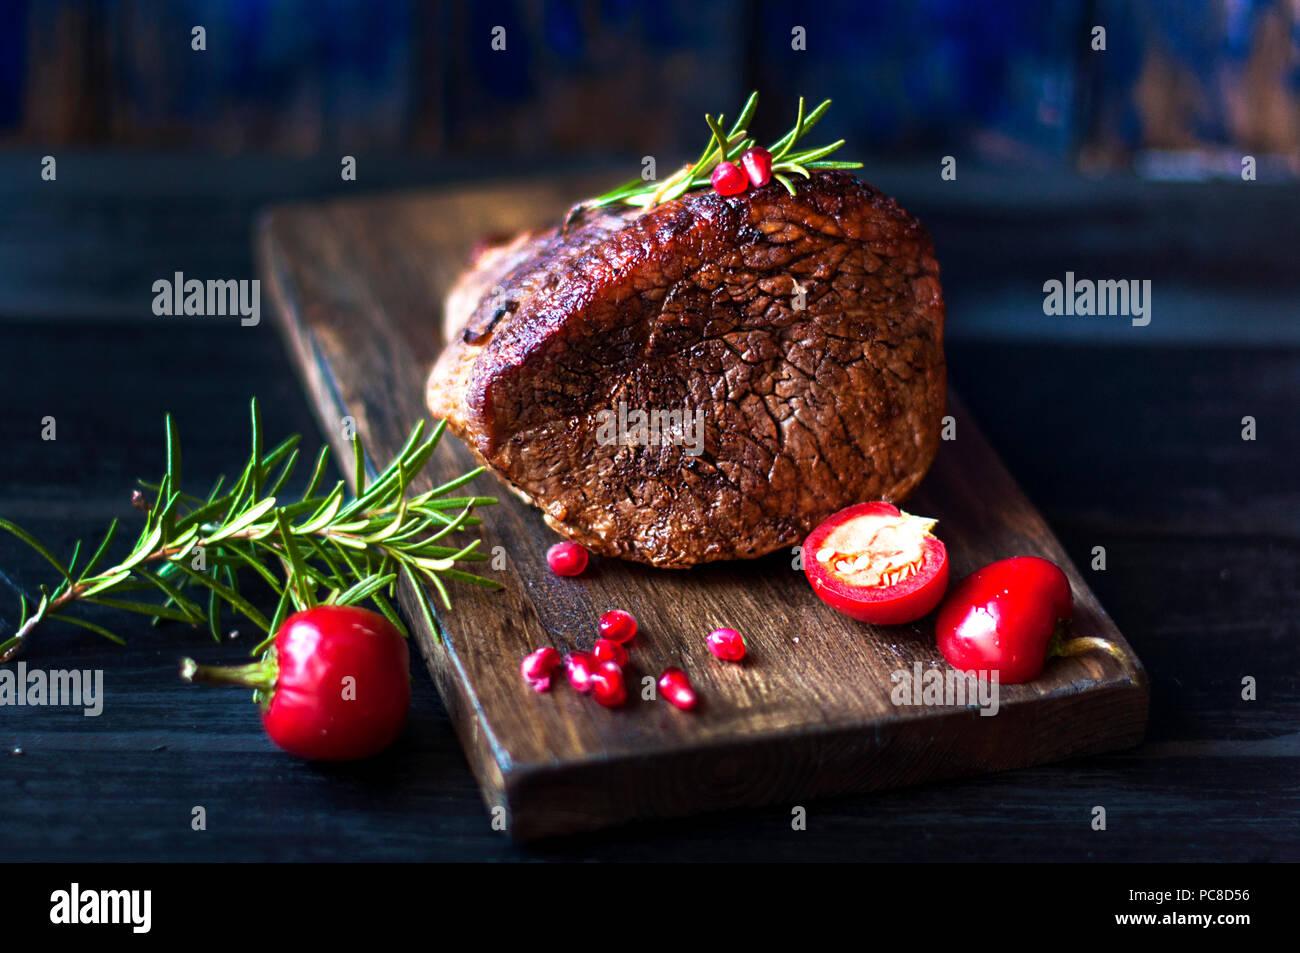 Carne cocida con romero y el pimiento rojo. Filete de ternera. cena para hombres. foto oscura. Fondo negro. La plancha de madera. Imagen De Stock